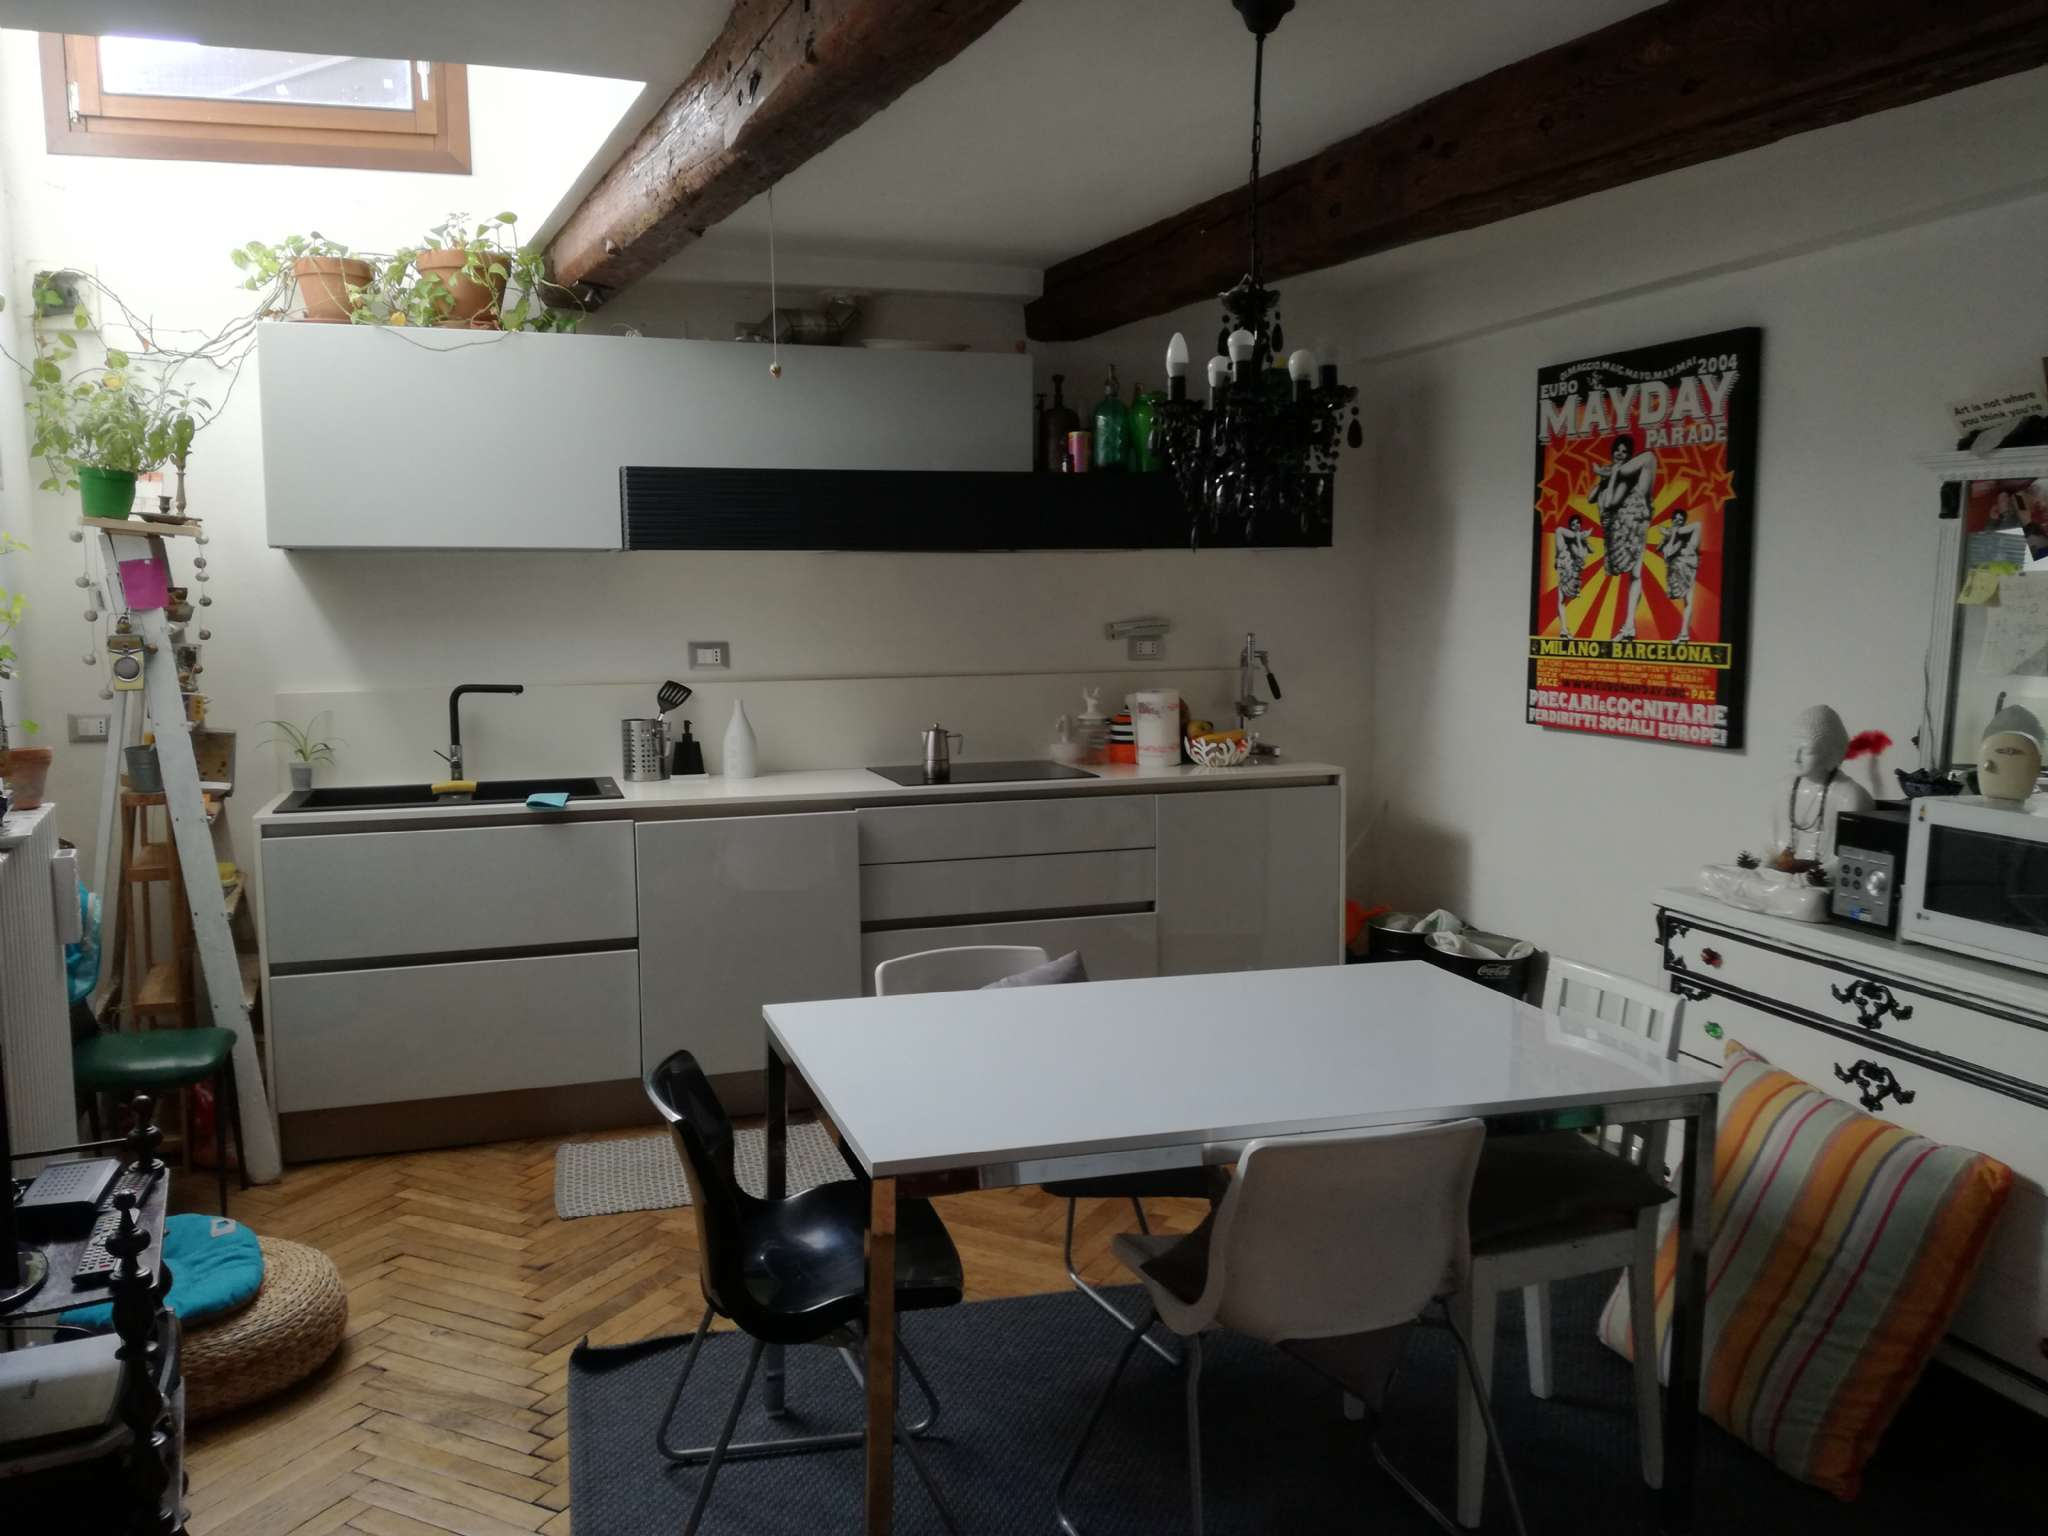 Appartamento in affitto a Venezia, 9999 locali, zona Zona: 3 . Cannaregio, prezzo € 1.600 | CambioCasa.it